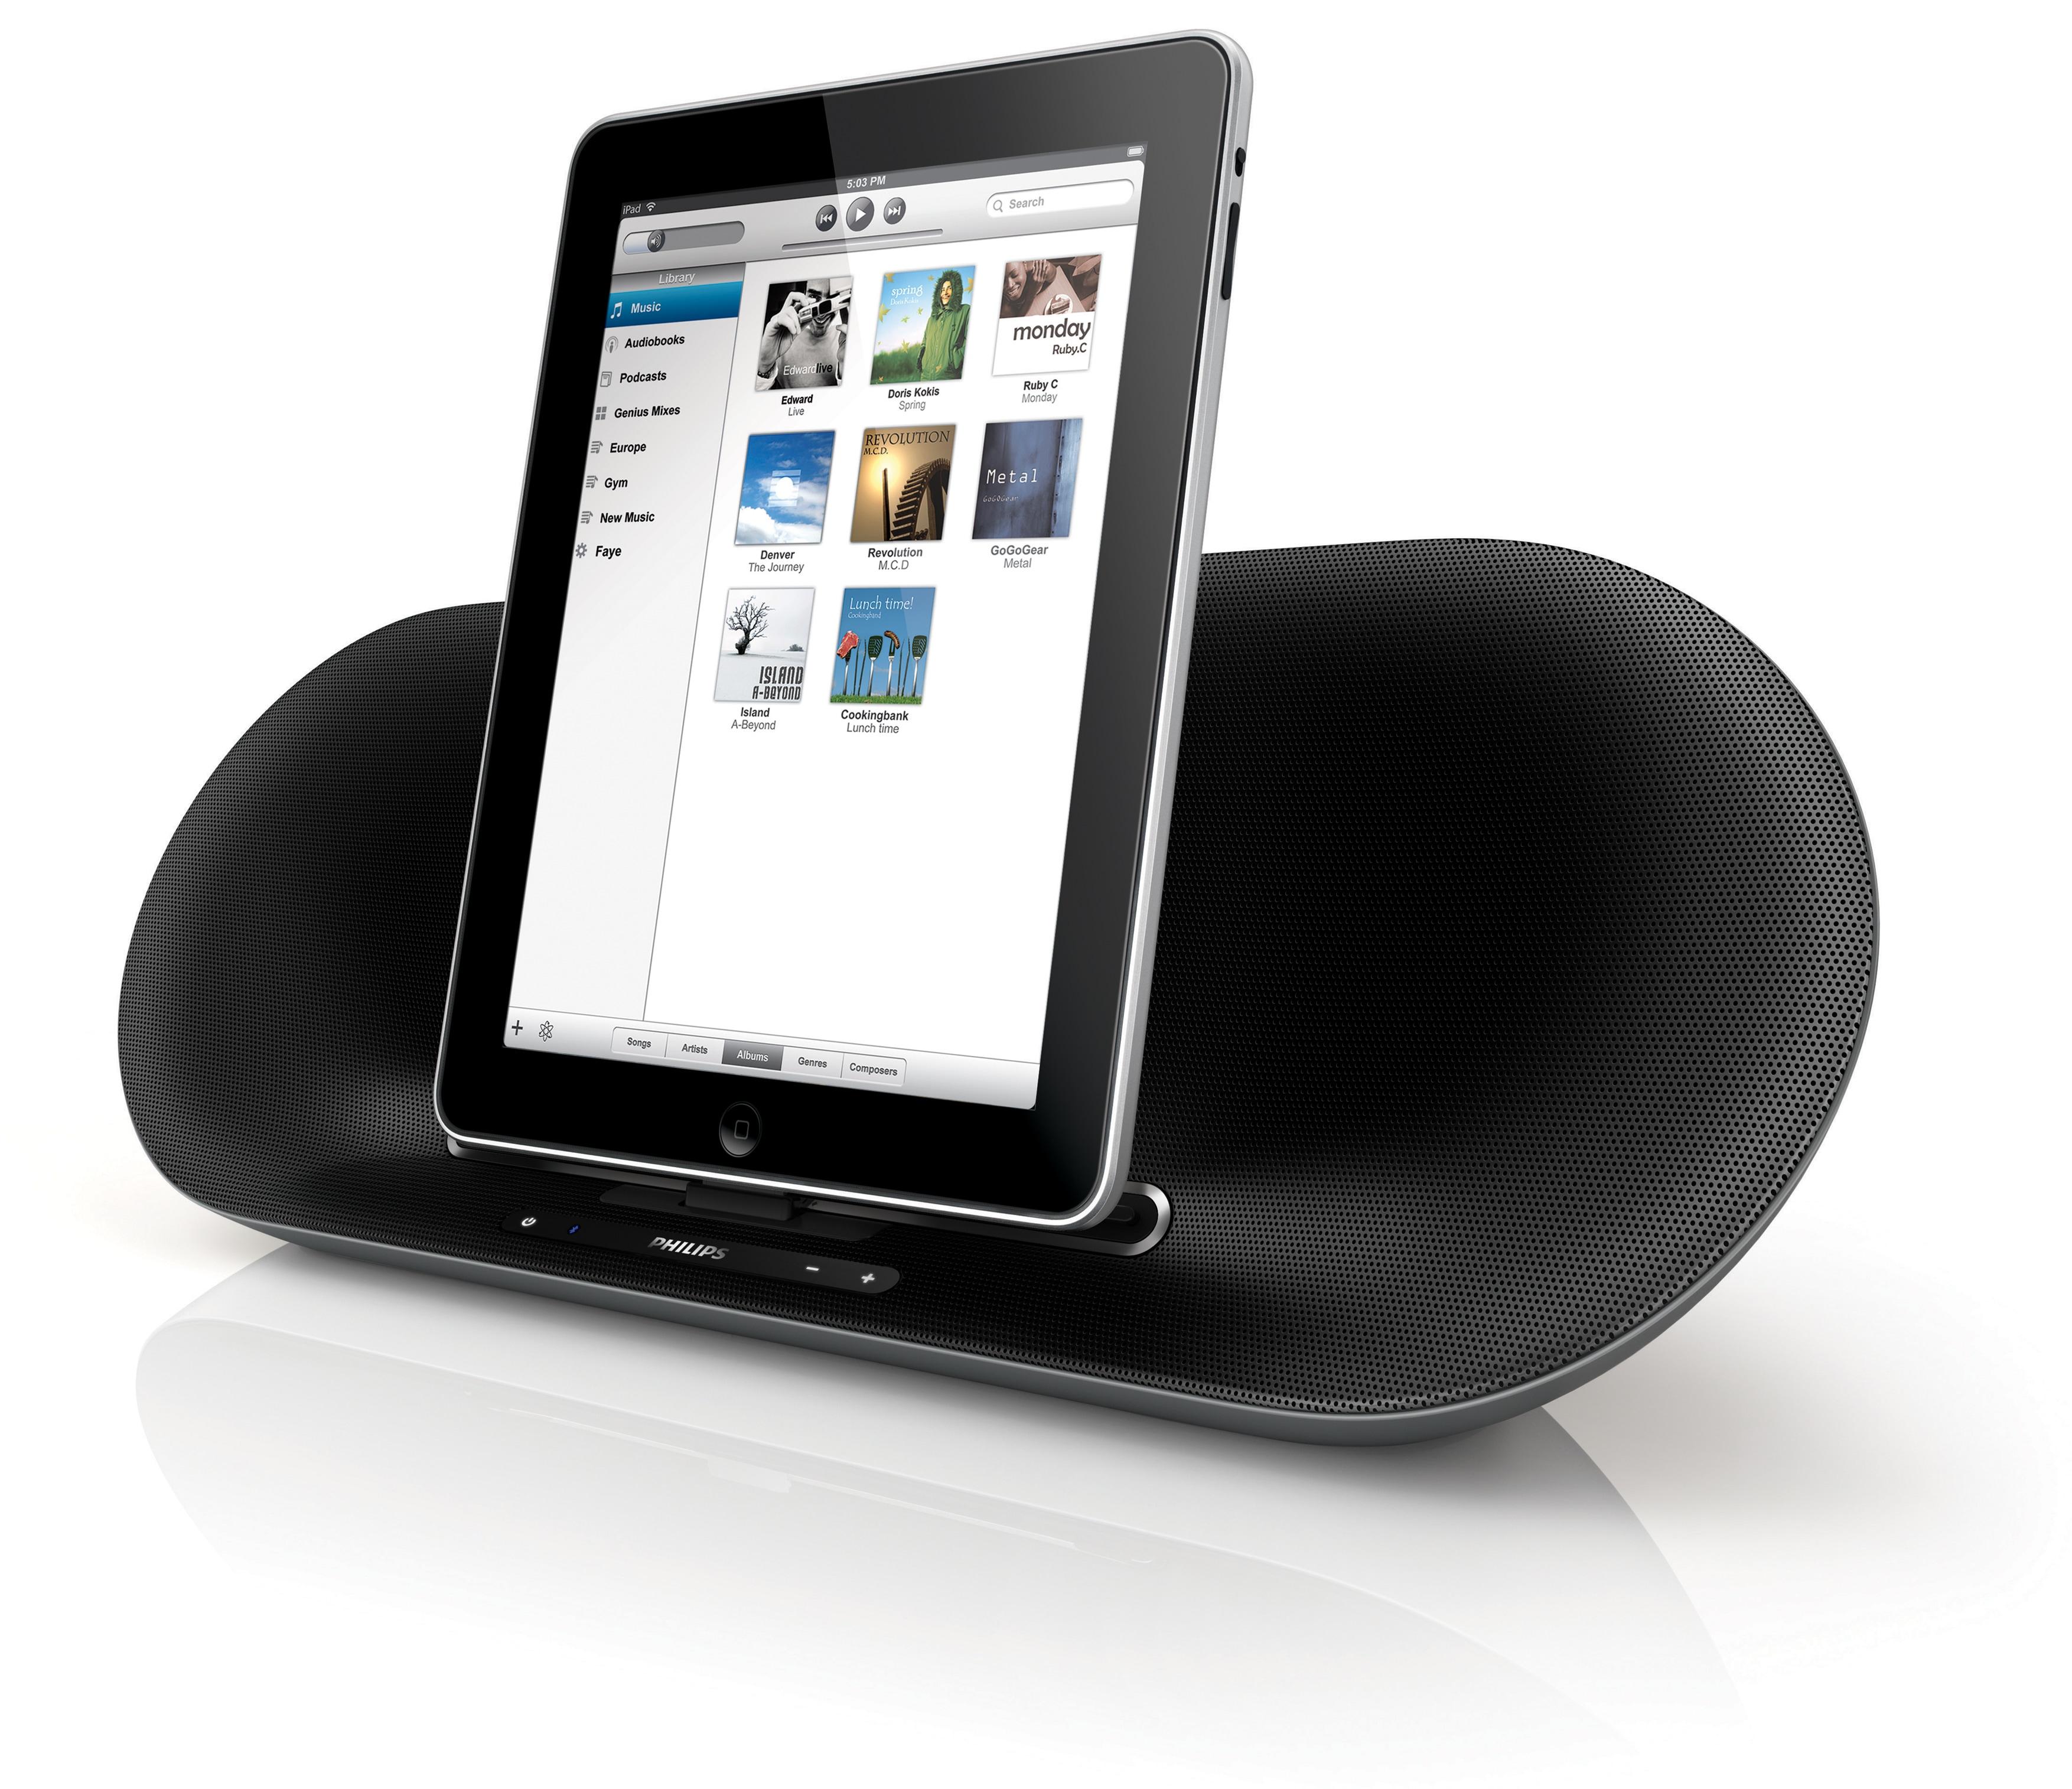 die fidelio docking lautsprecher von philips holen den guten klang aus dem ipad. Black Bedroom Furniture Sets. Home Design Ideas